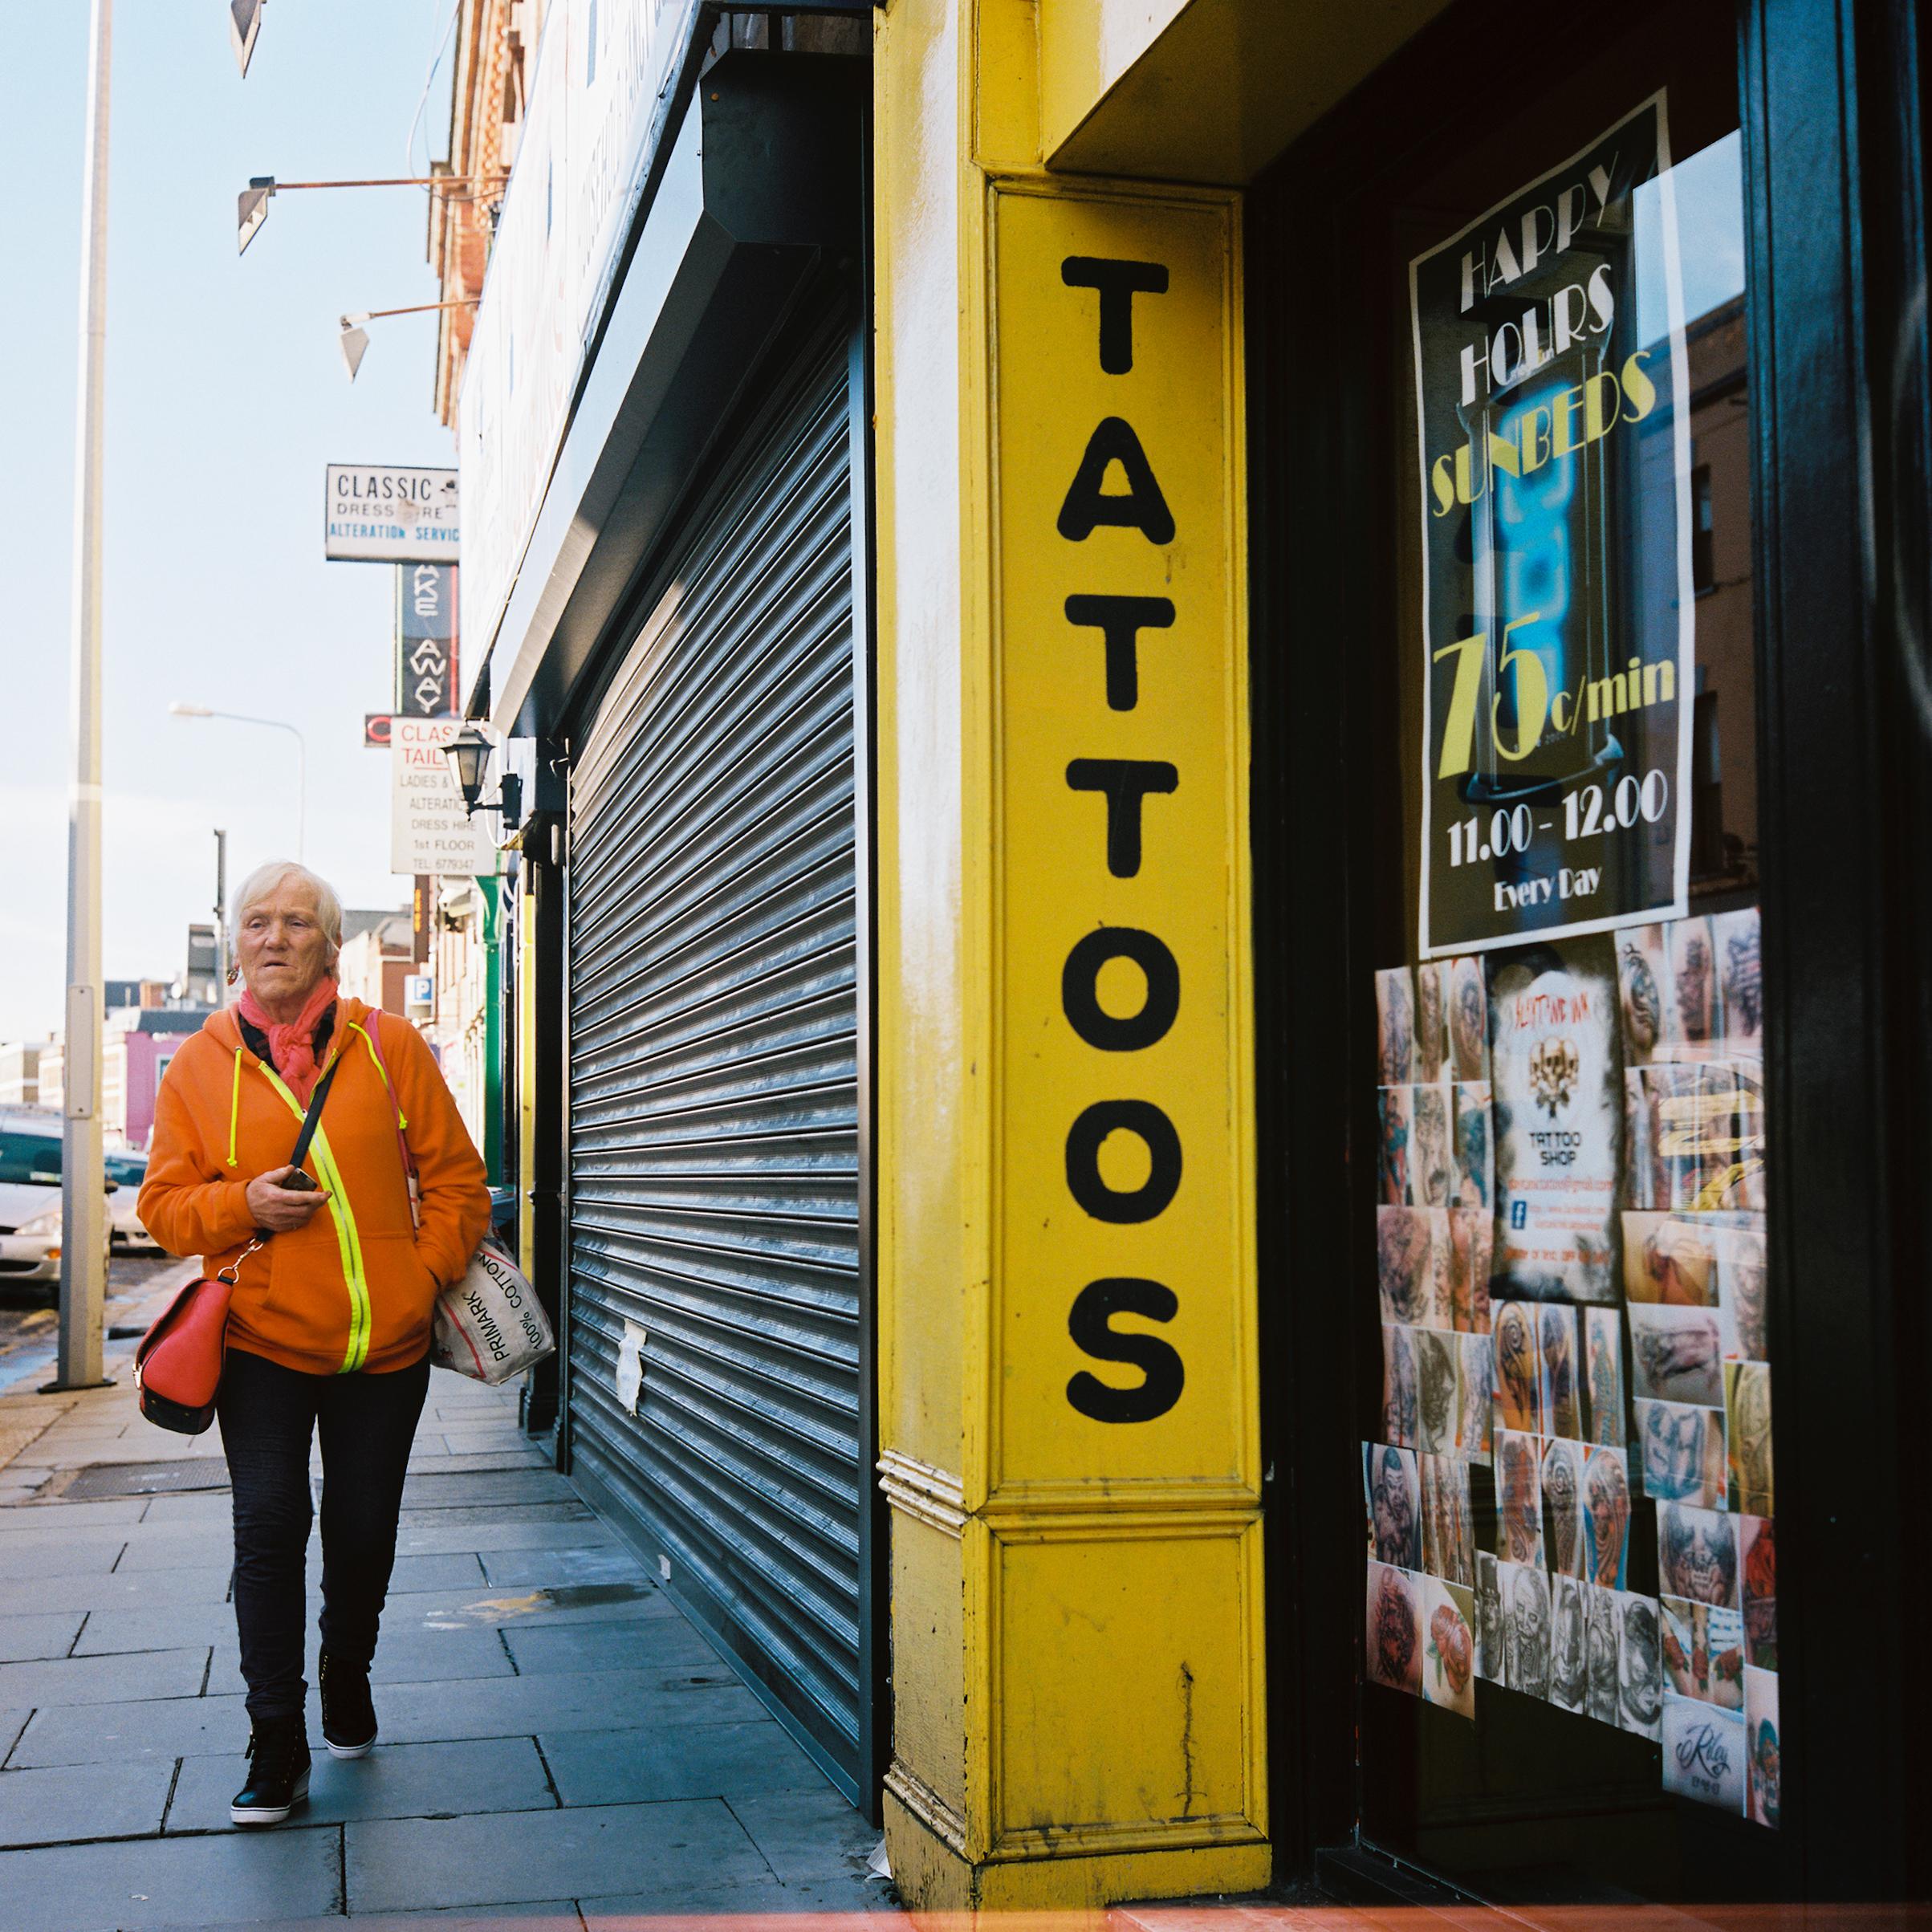 30.TheLiberties.Dublin.jpg